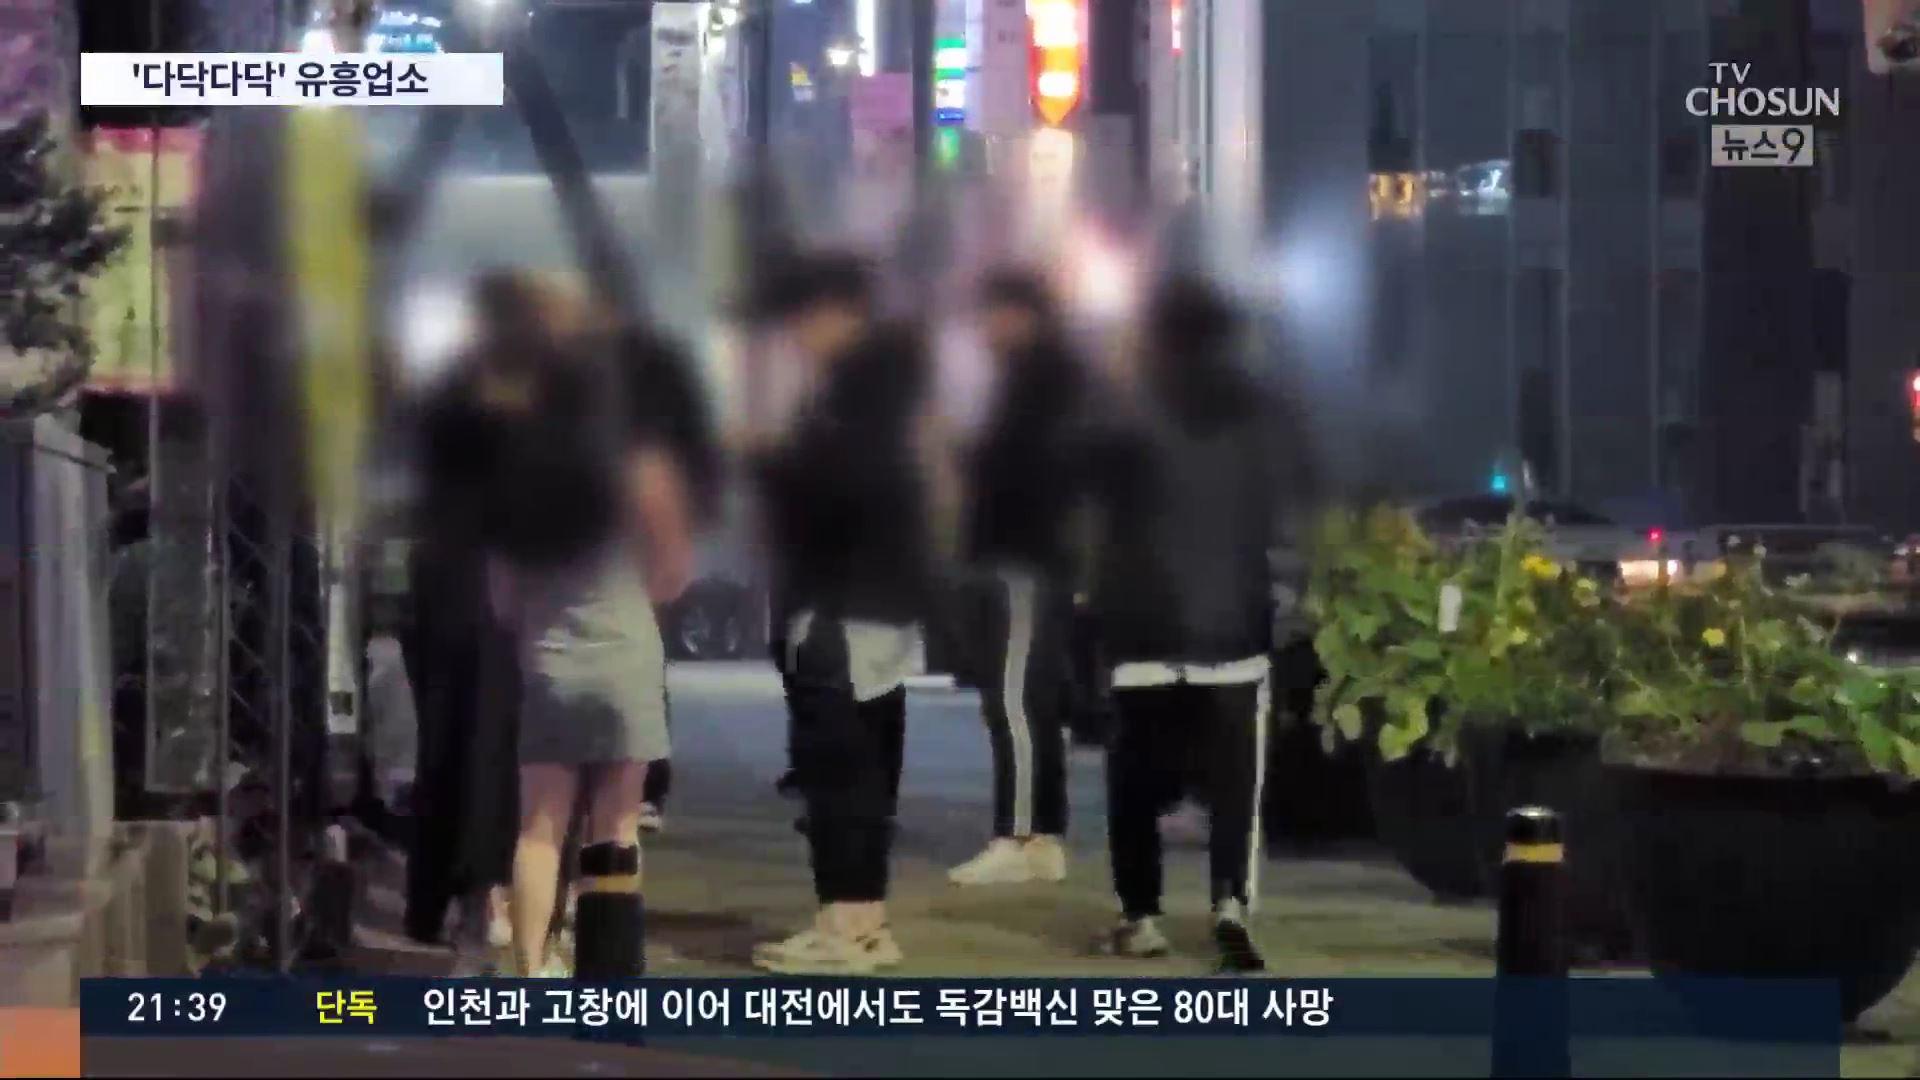 거리두기 1단계 일주일…거리는 '한산', 유흥업소만 '북적'